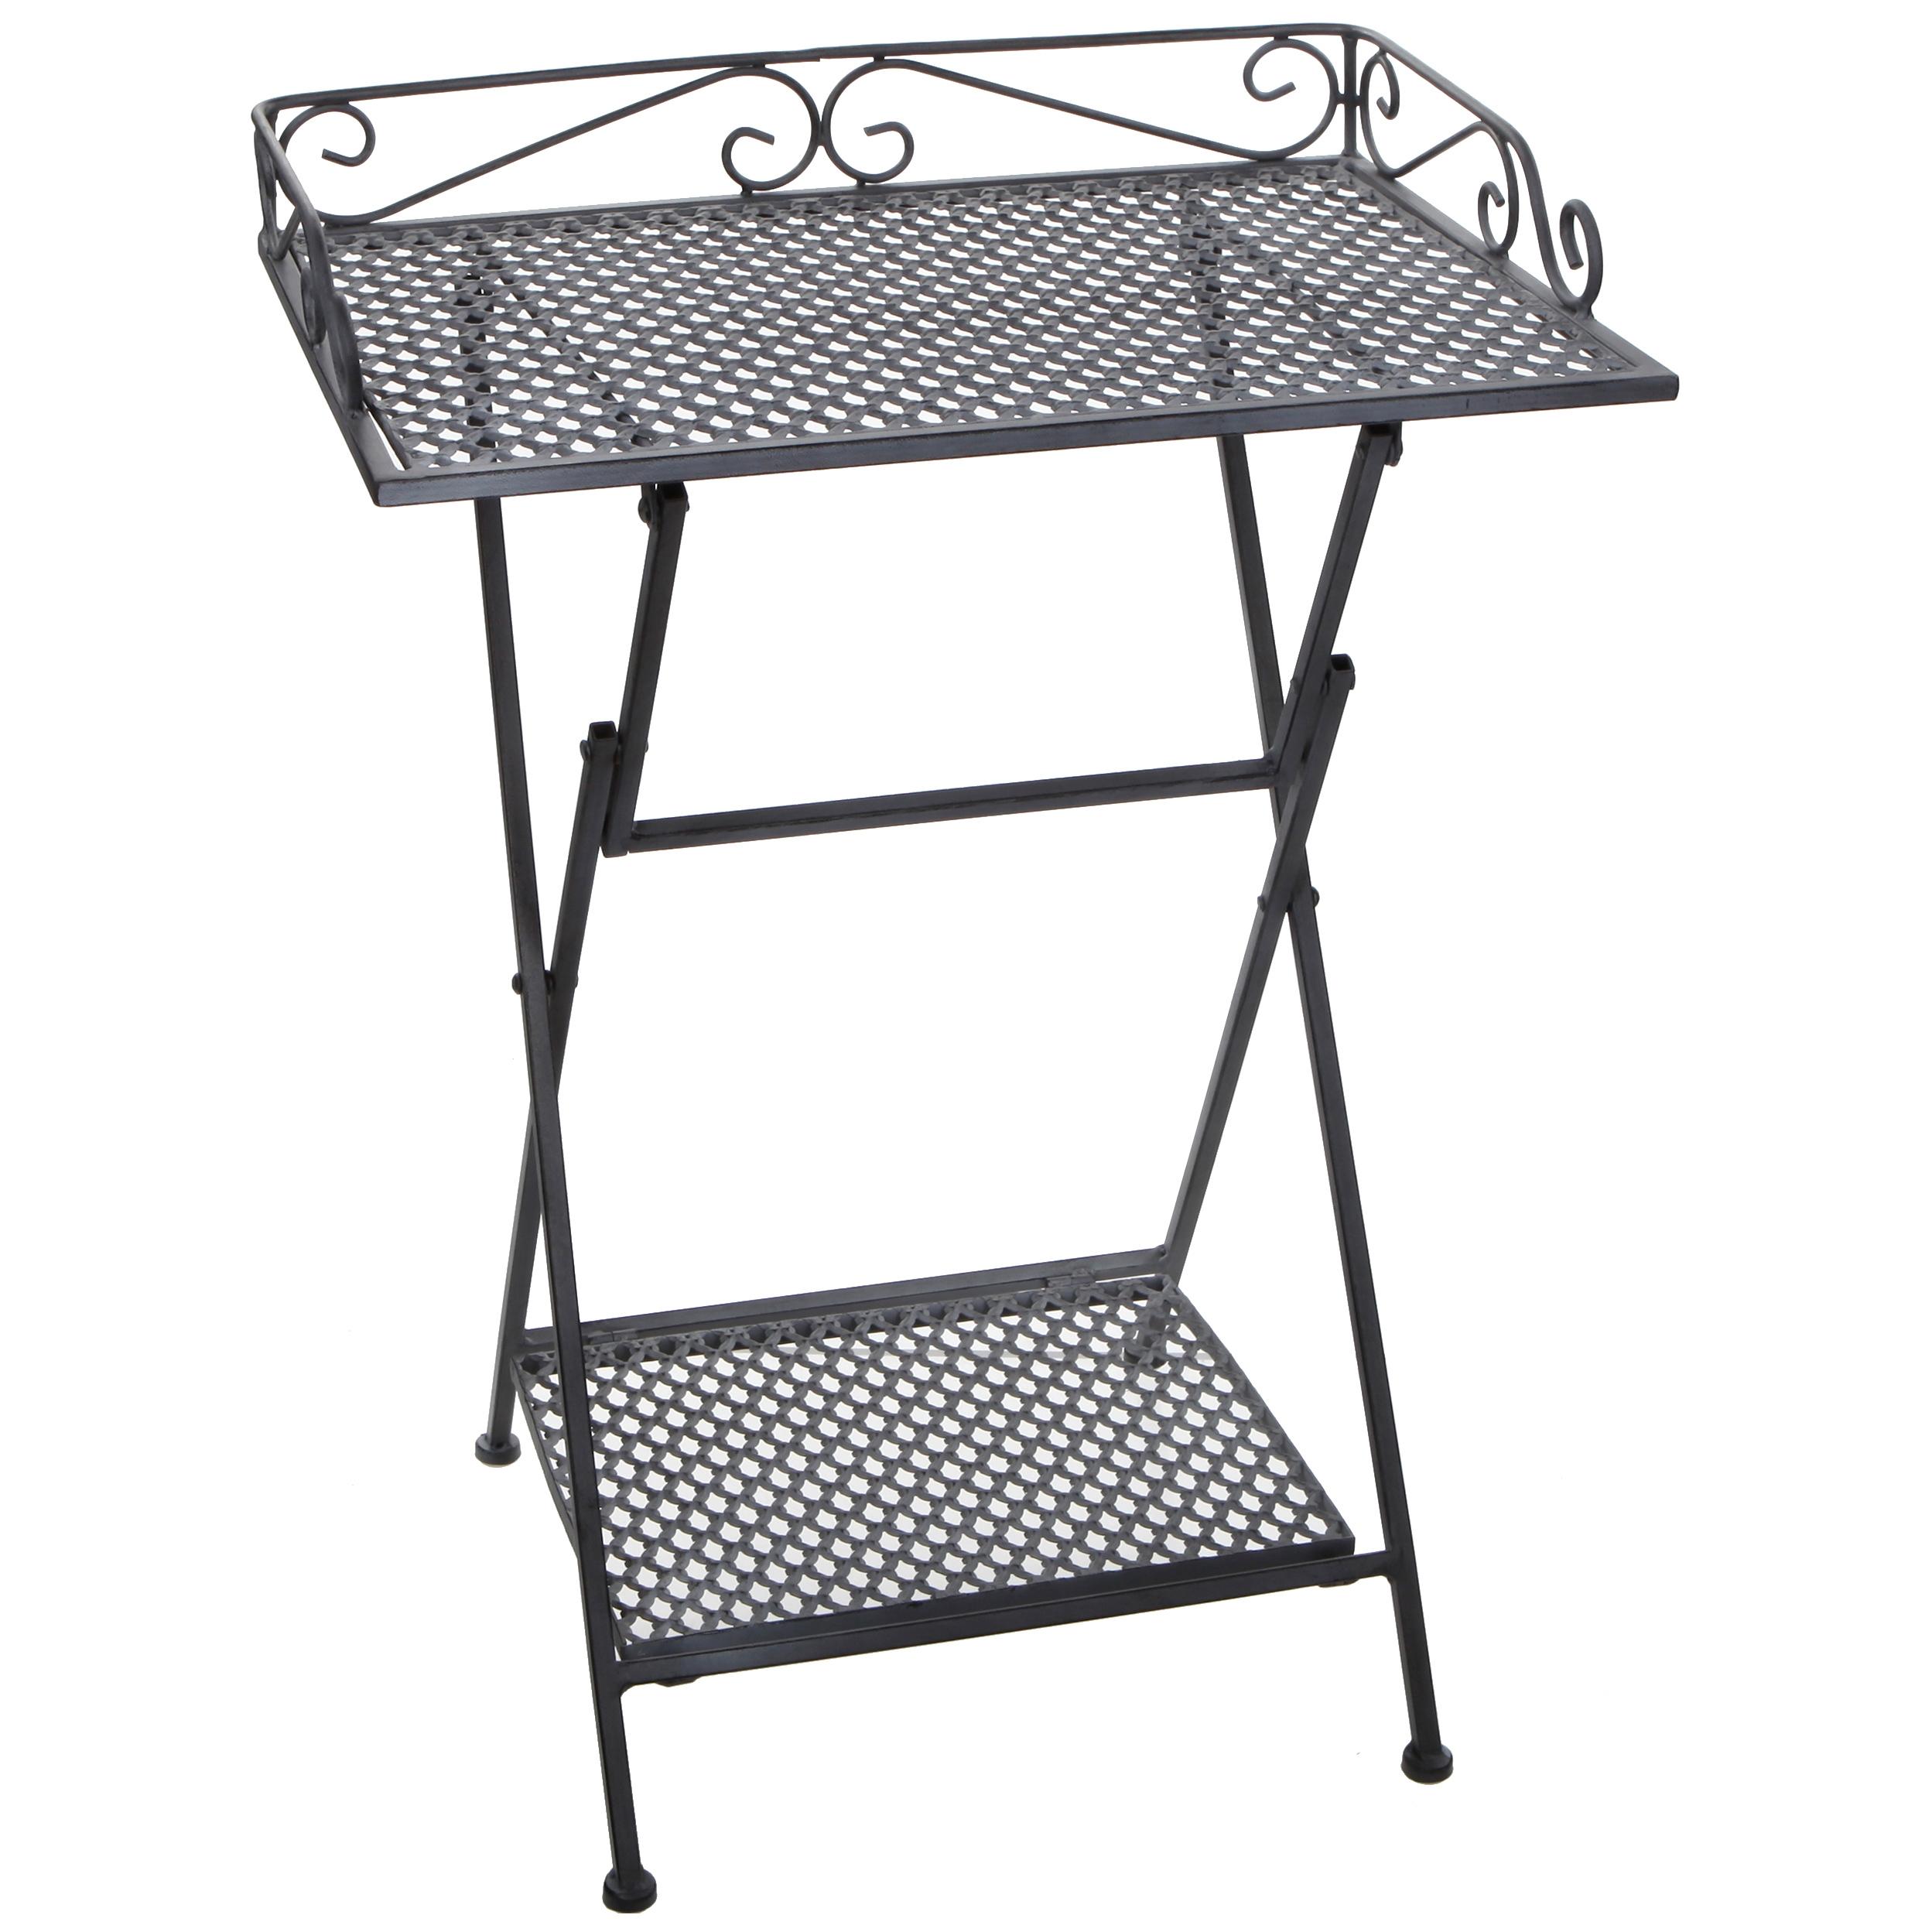 Стол для дачи Edelman 1023708 серый 50,5х39х67 см